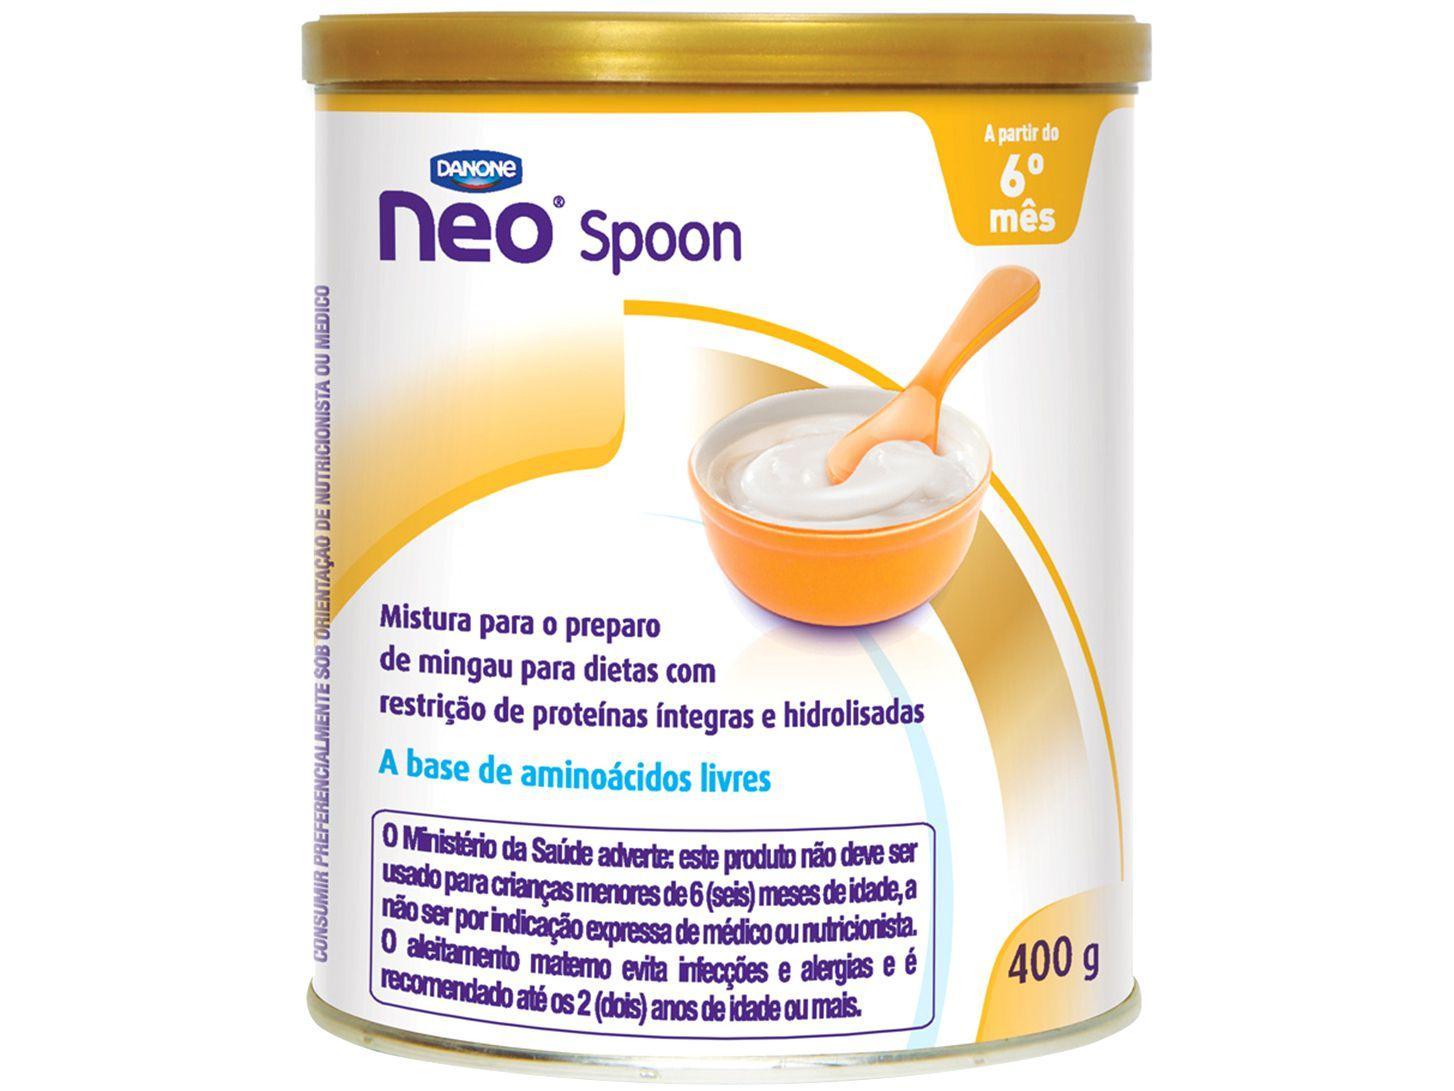 Mingau de Aminoácidos Livres Neo Spoon para - Restrição de Proteínas Íntegras e Hidrolisada 400g